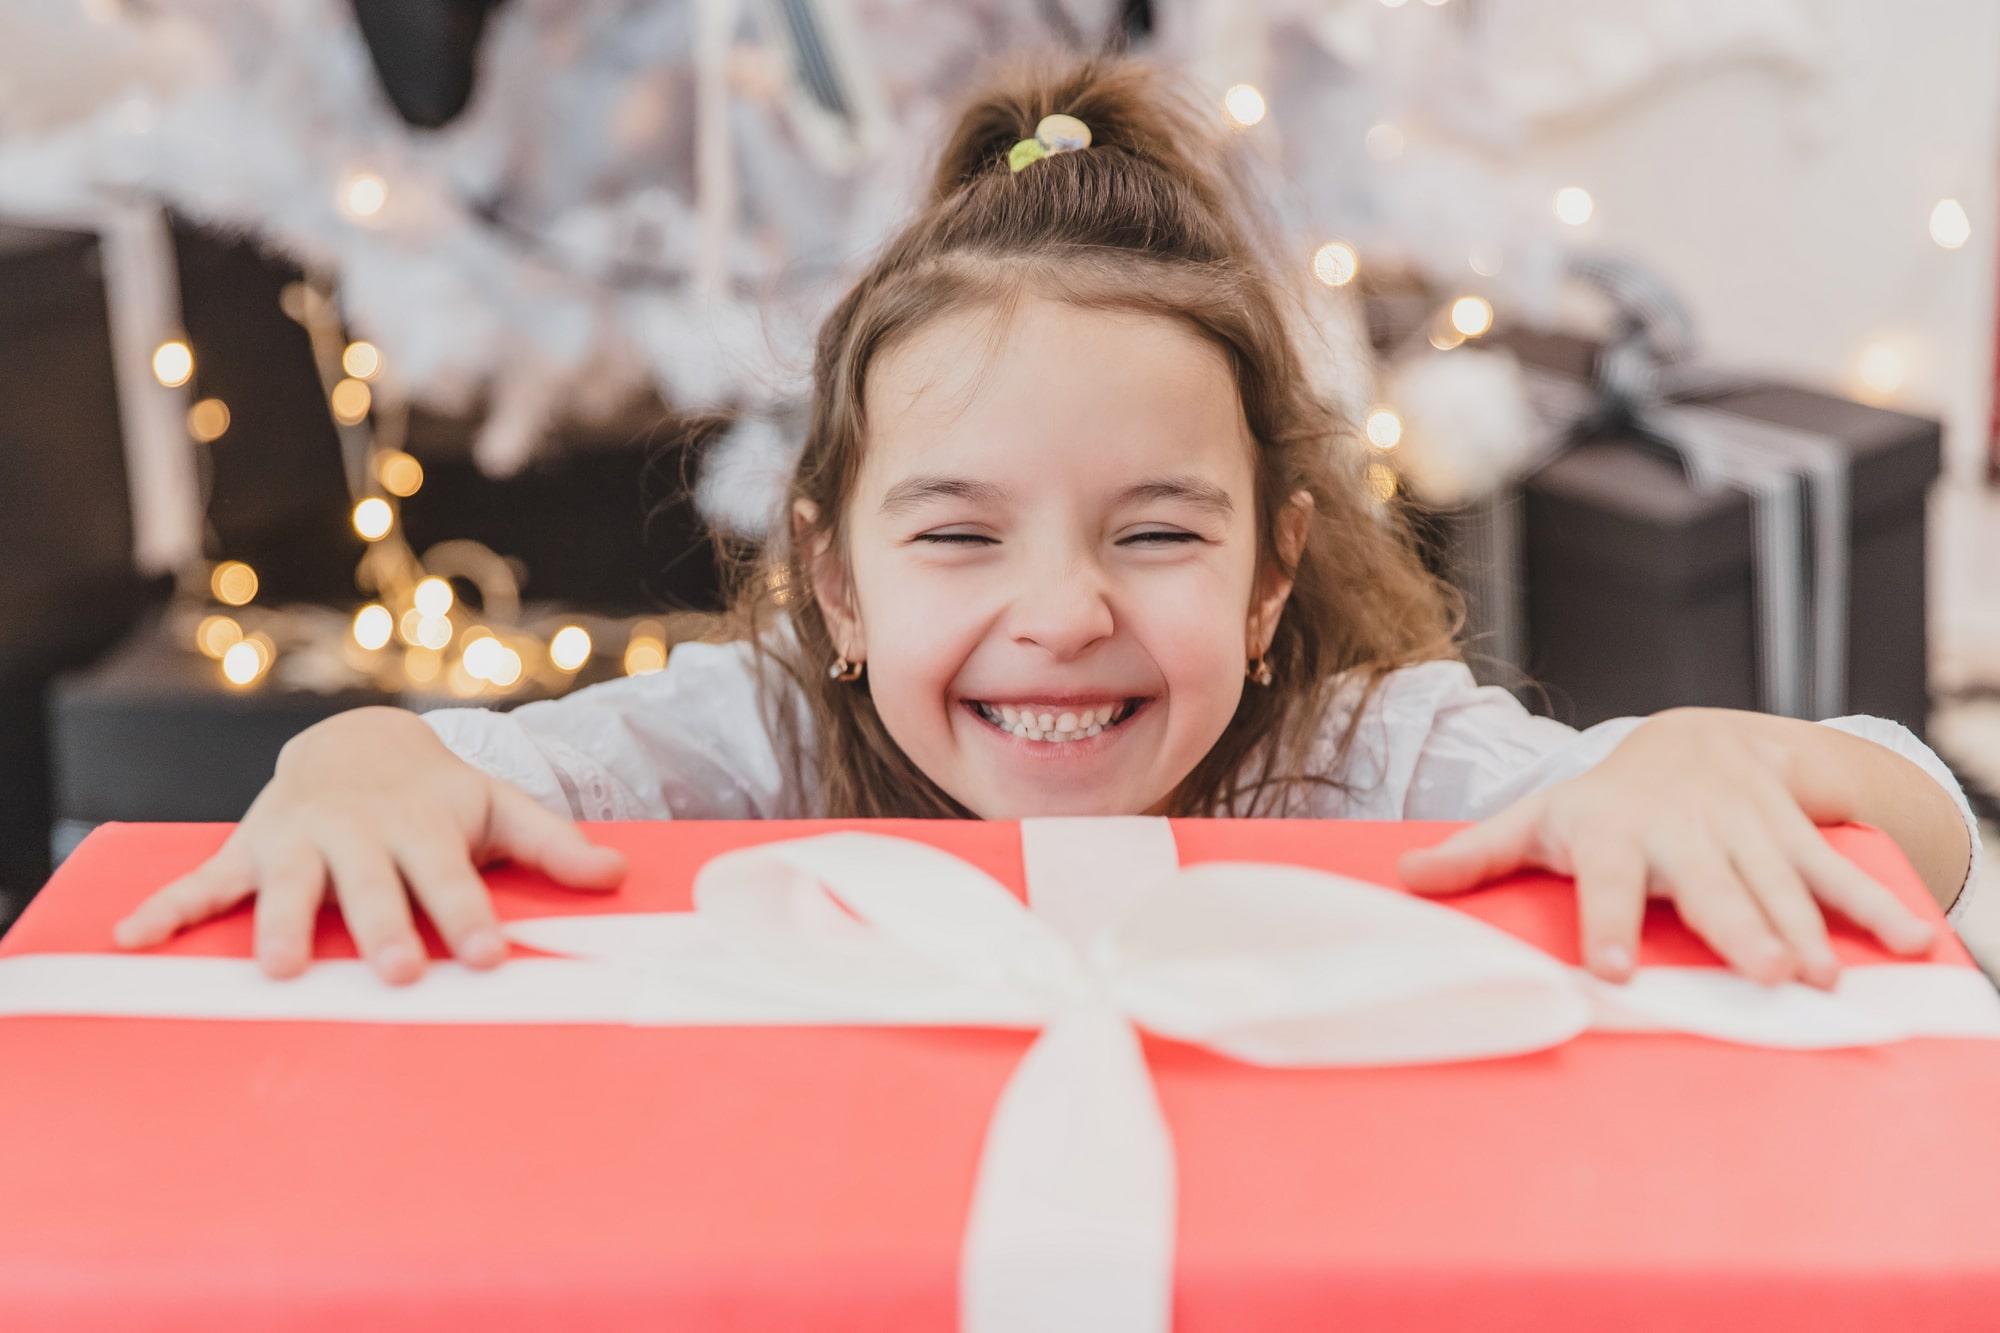 4歳 女の子 プレゼント おもちゃ以外